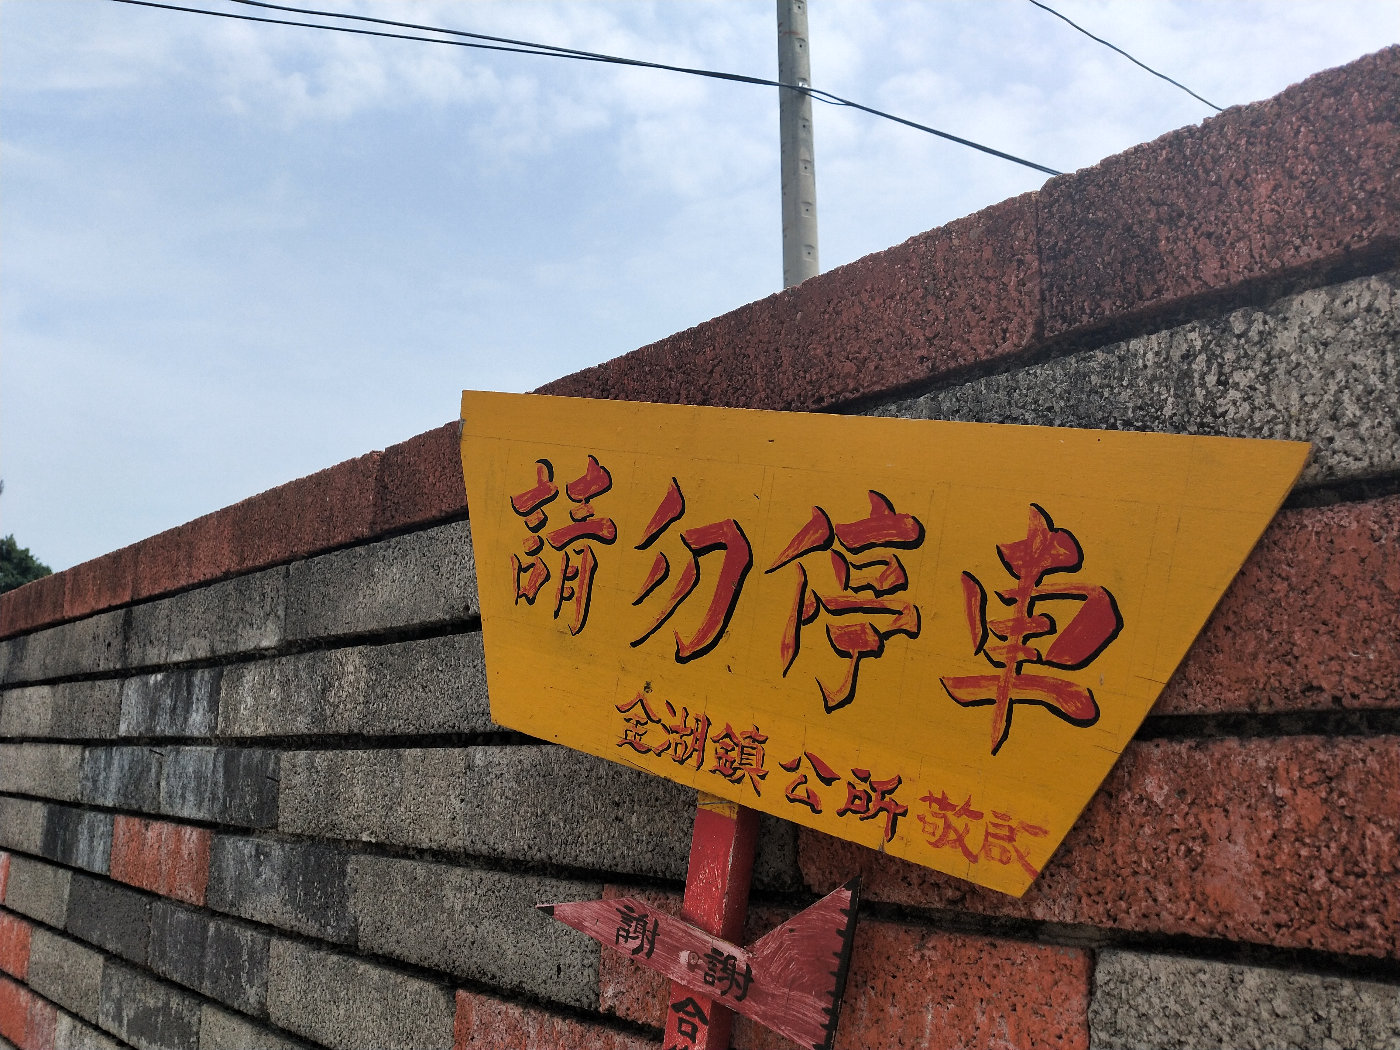 去陈景兰楼路上看到的提示牌,台湾式文艺